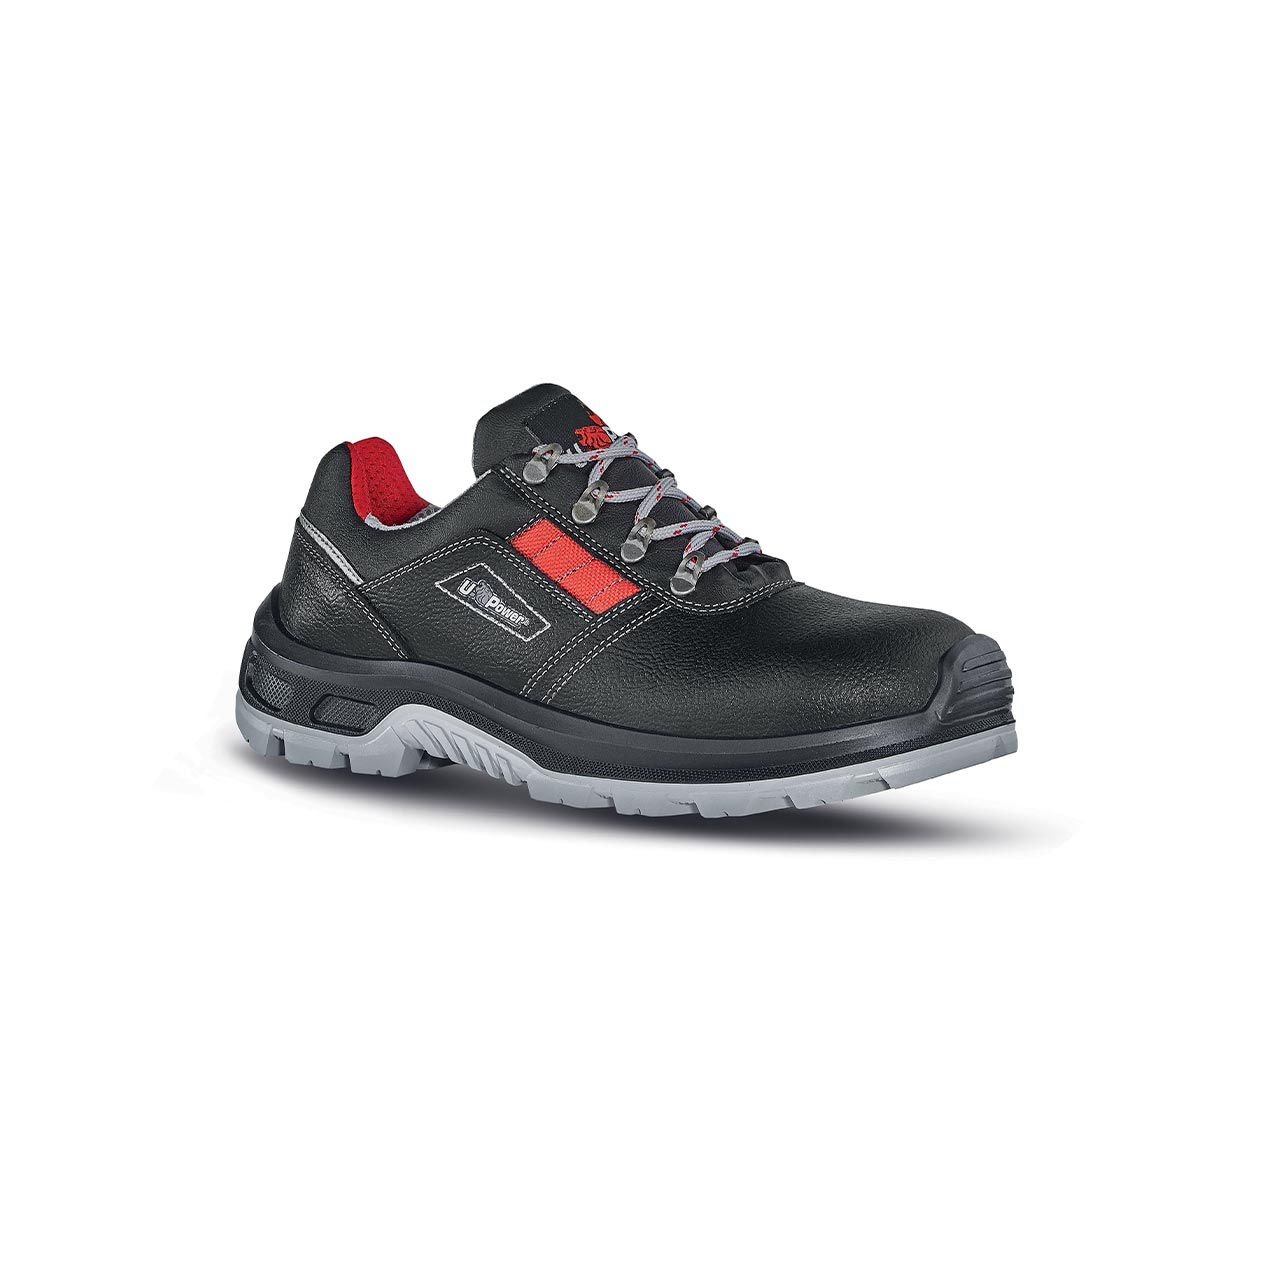 scarpa antinfortunistica upower modello elect linea conceptplus vista laterale